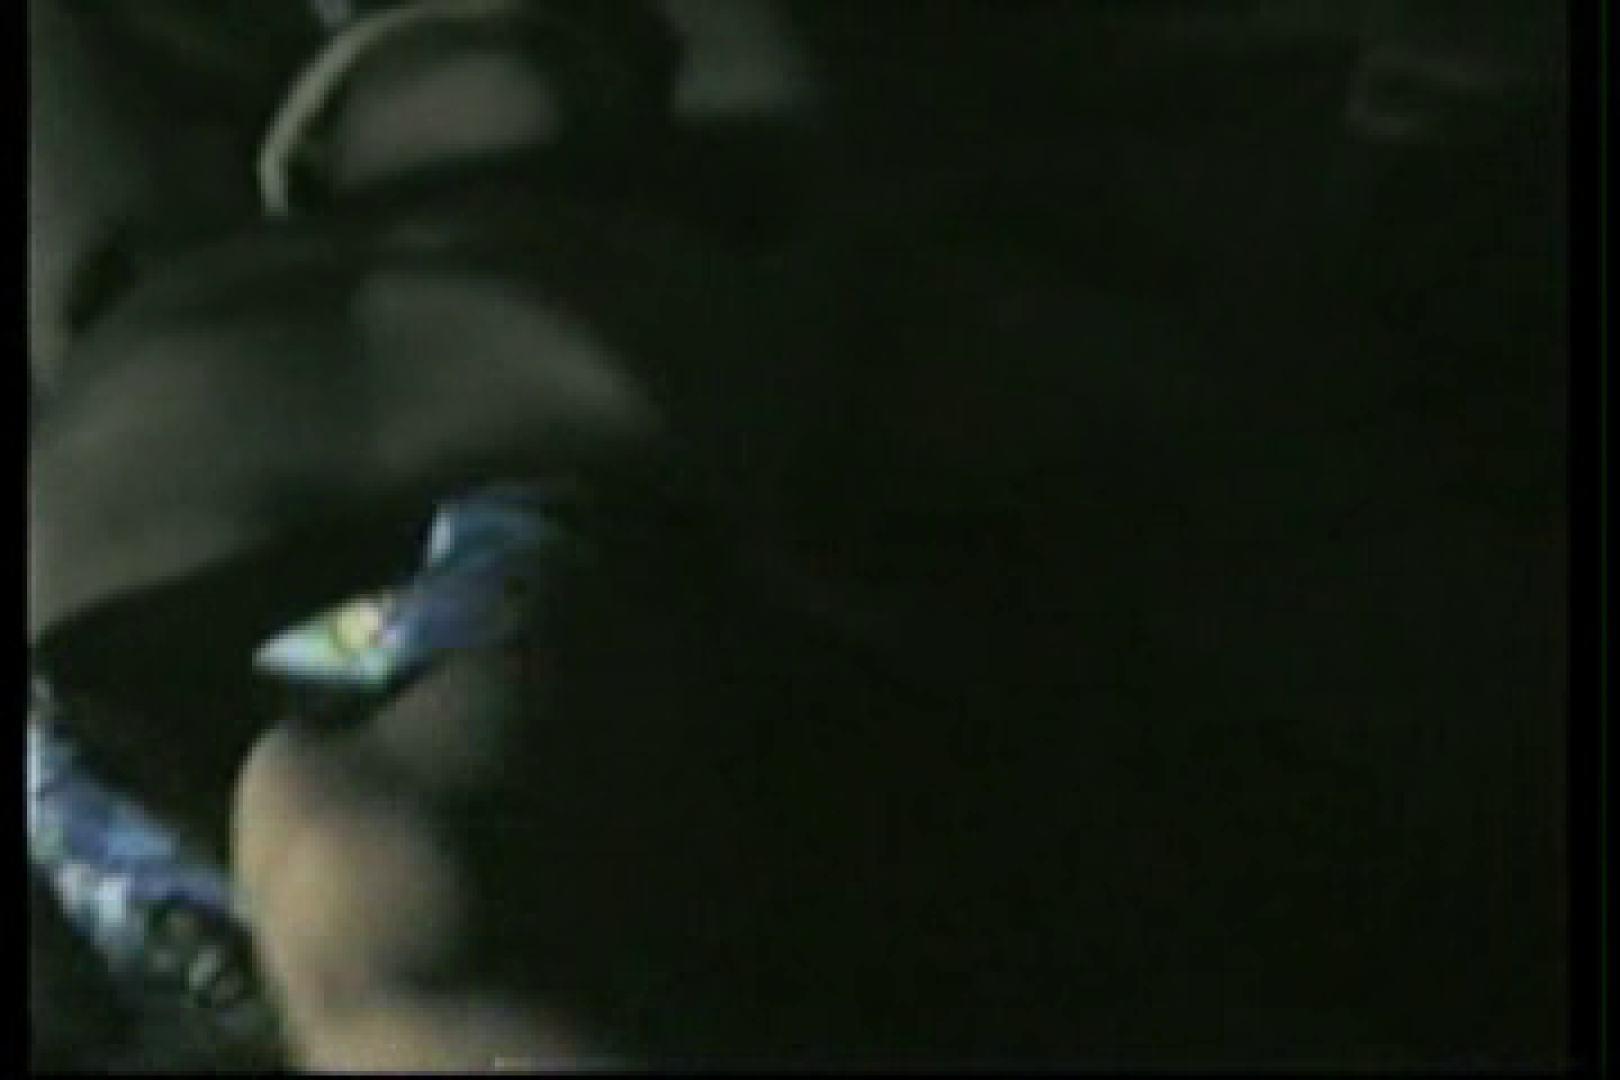 【実録個人撮影】男の子達の禁断の愛欲性活!!vol.02(対女性アナル責め) 縛・テクニック ゲイAV画像 105枚 78